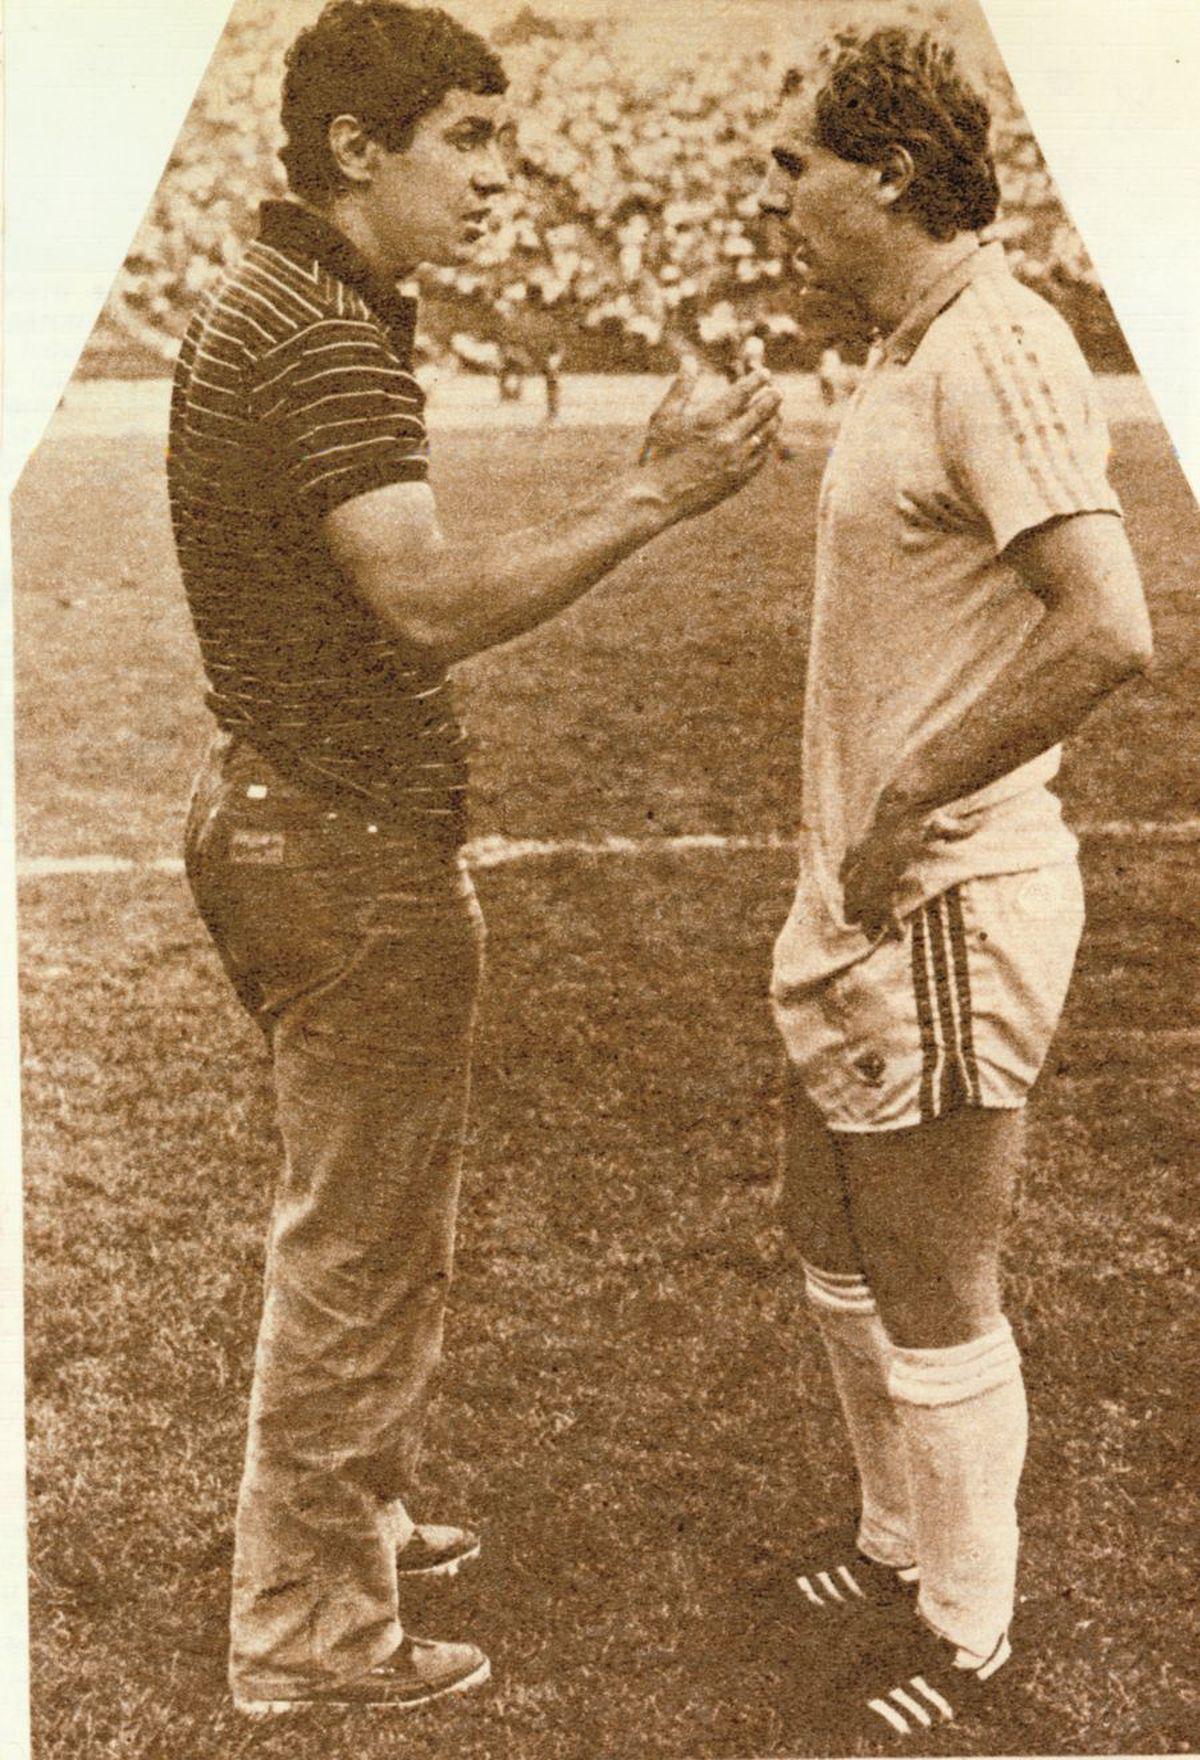 """Andre Villas-Boas, propunere revoluționară pentru FIFA după decesul lui Diego Maradona: """"Ar fi cel mai bun omagiu"""""""